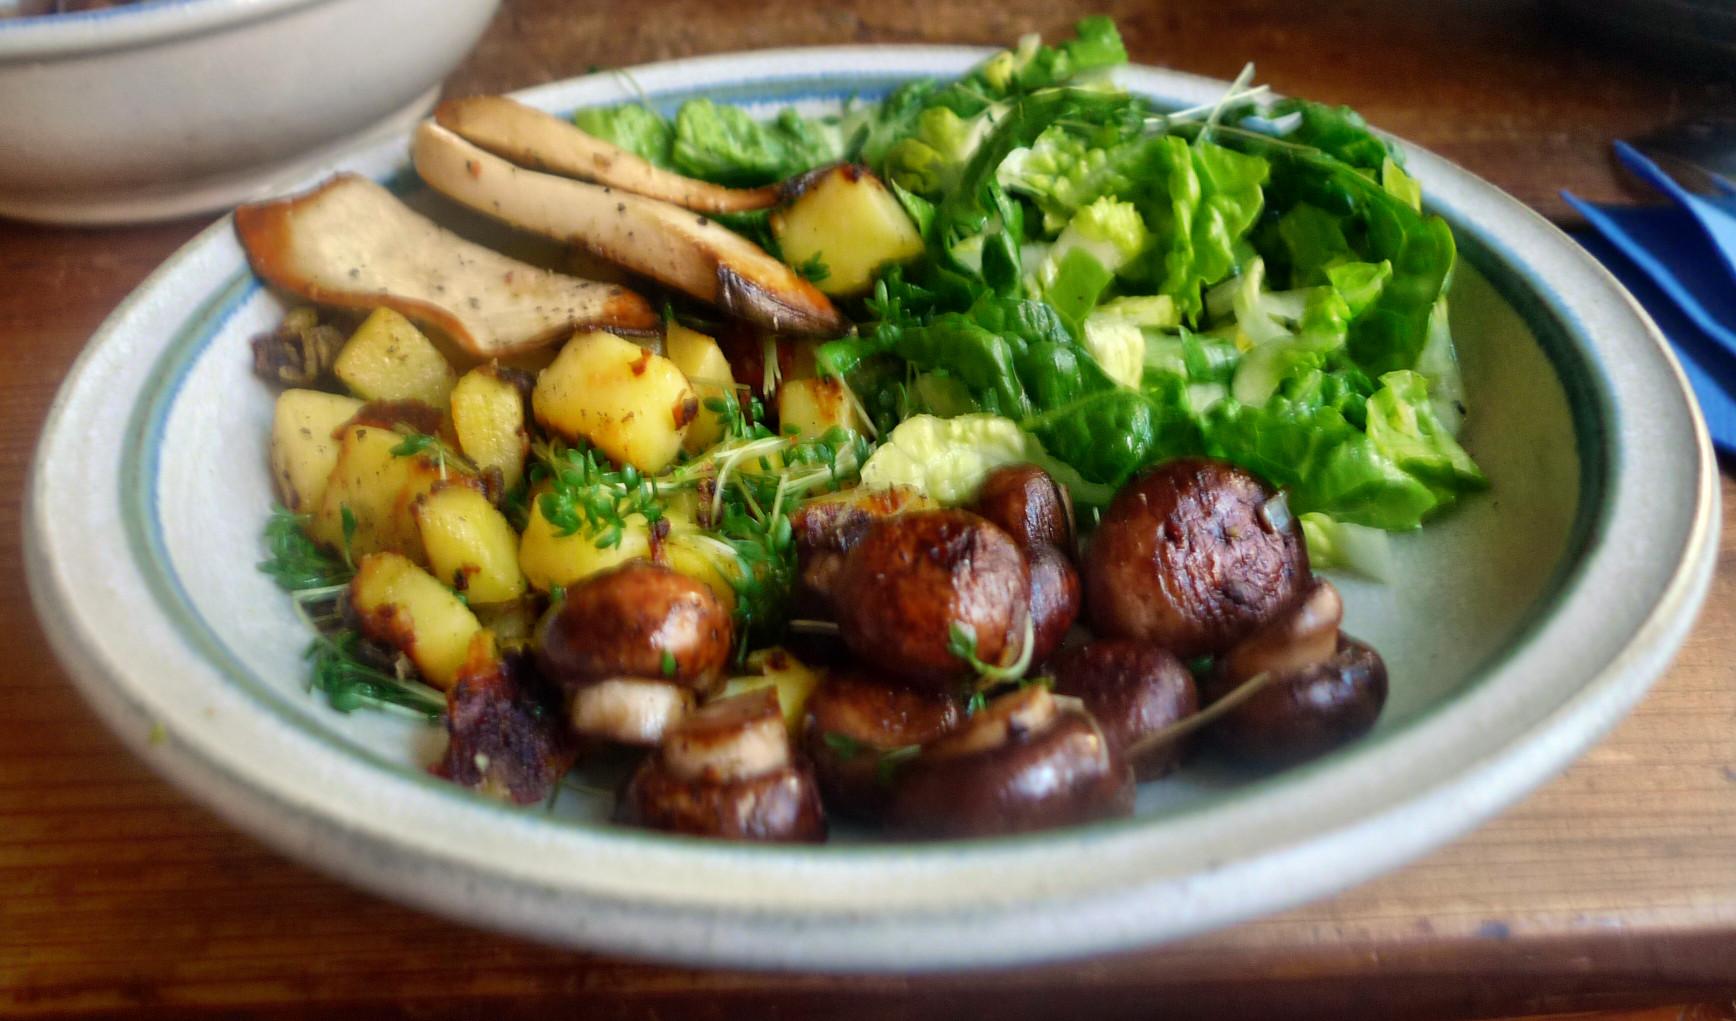 Roh gebratene Kartoffeln,Kräutersaitlinge,Champignon,Römersalat - 26.2.15   (10)